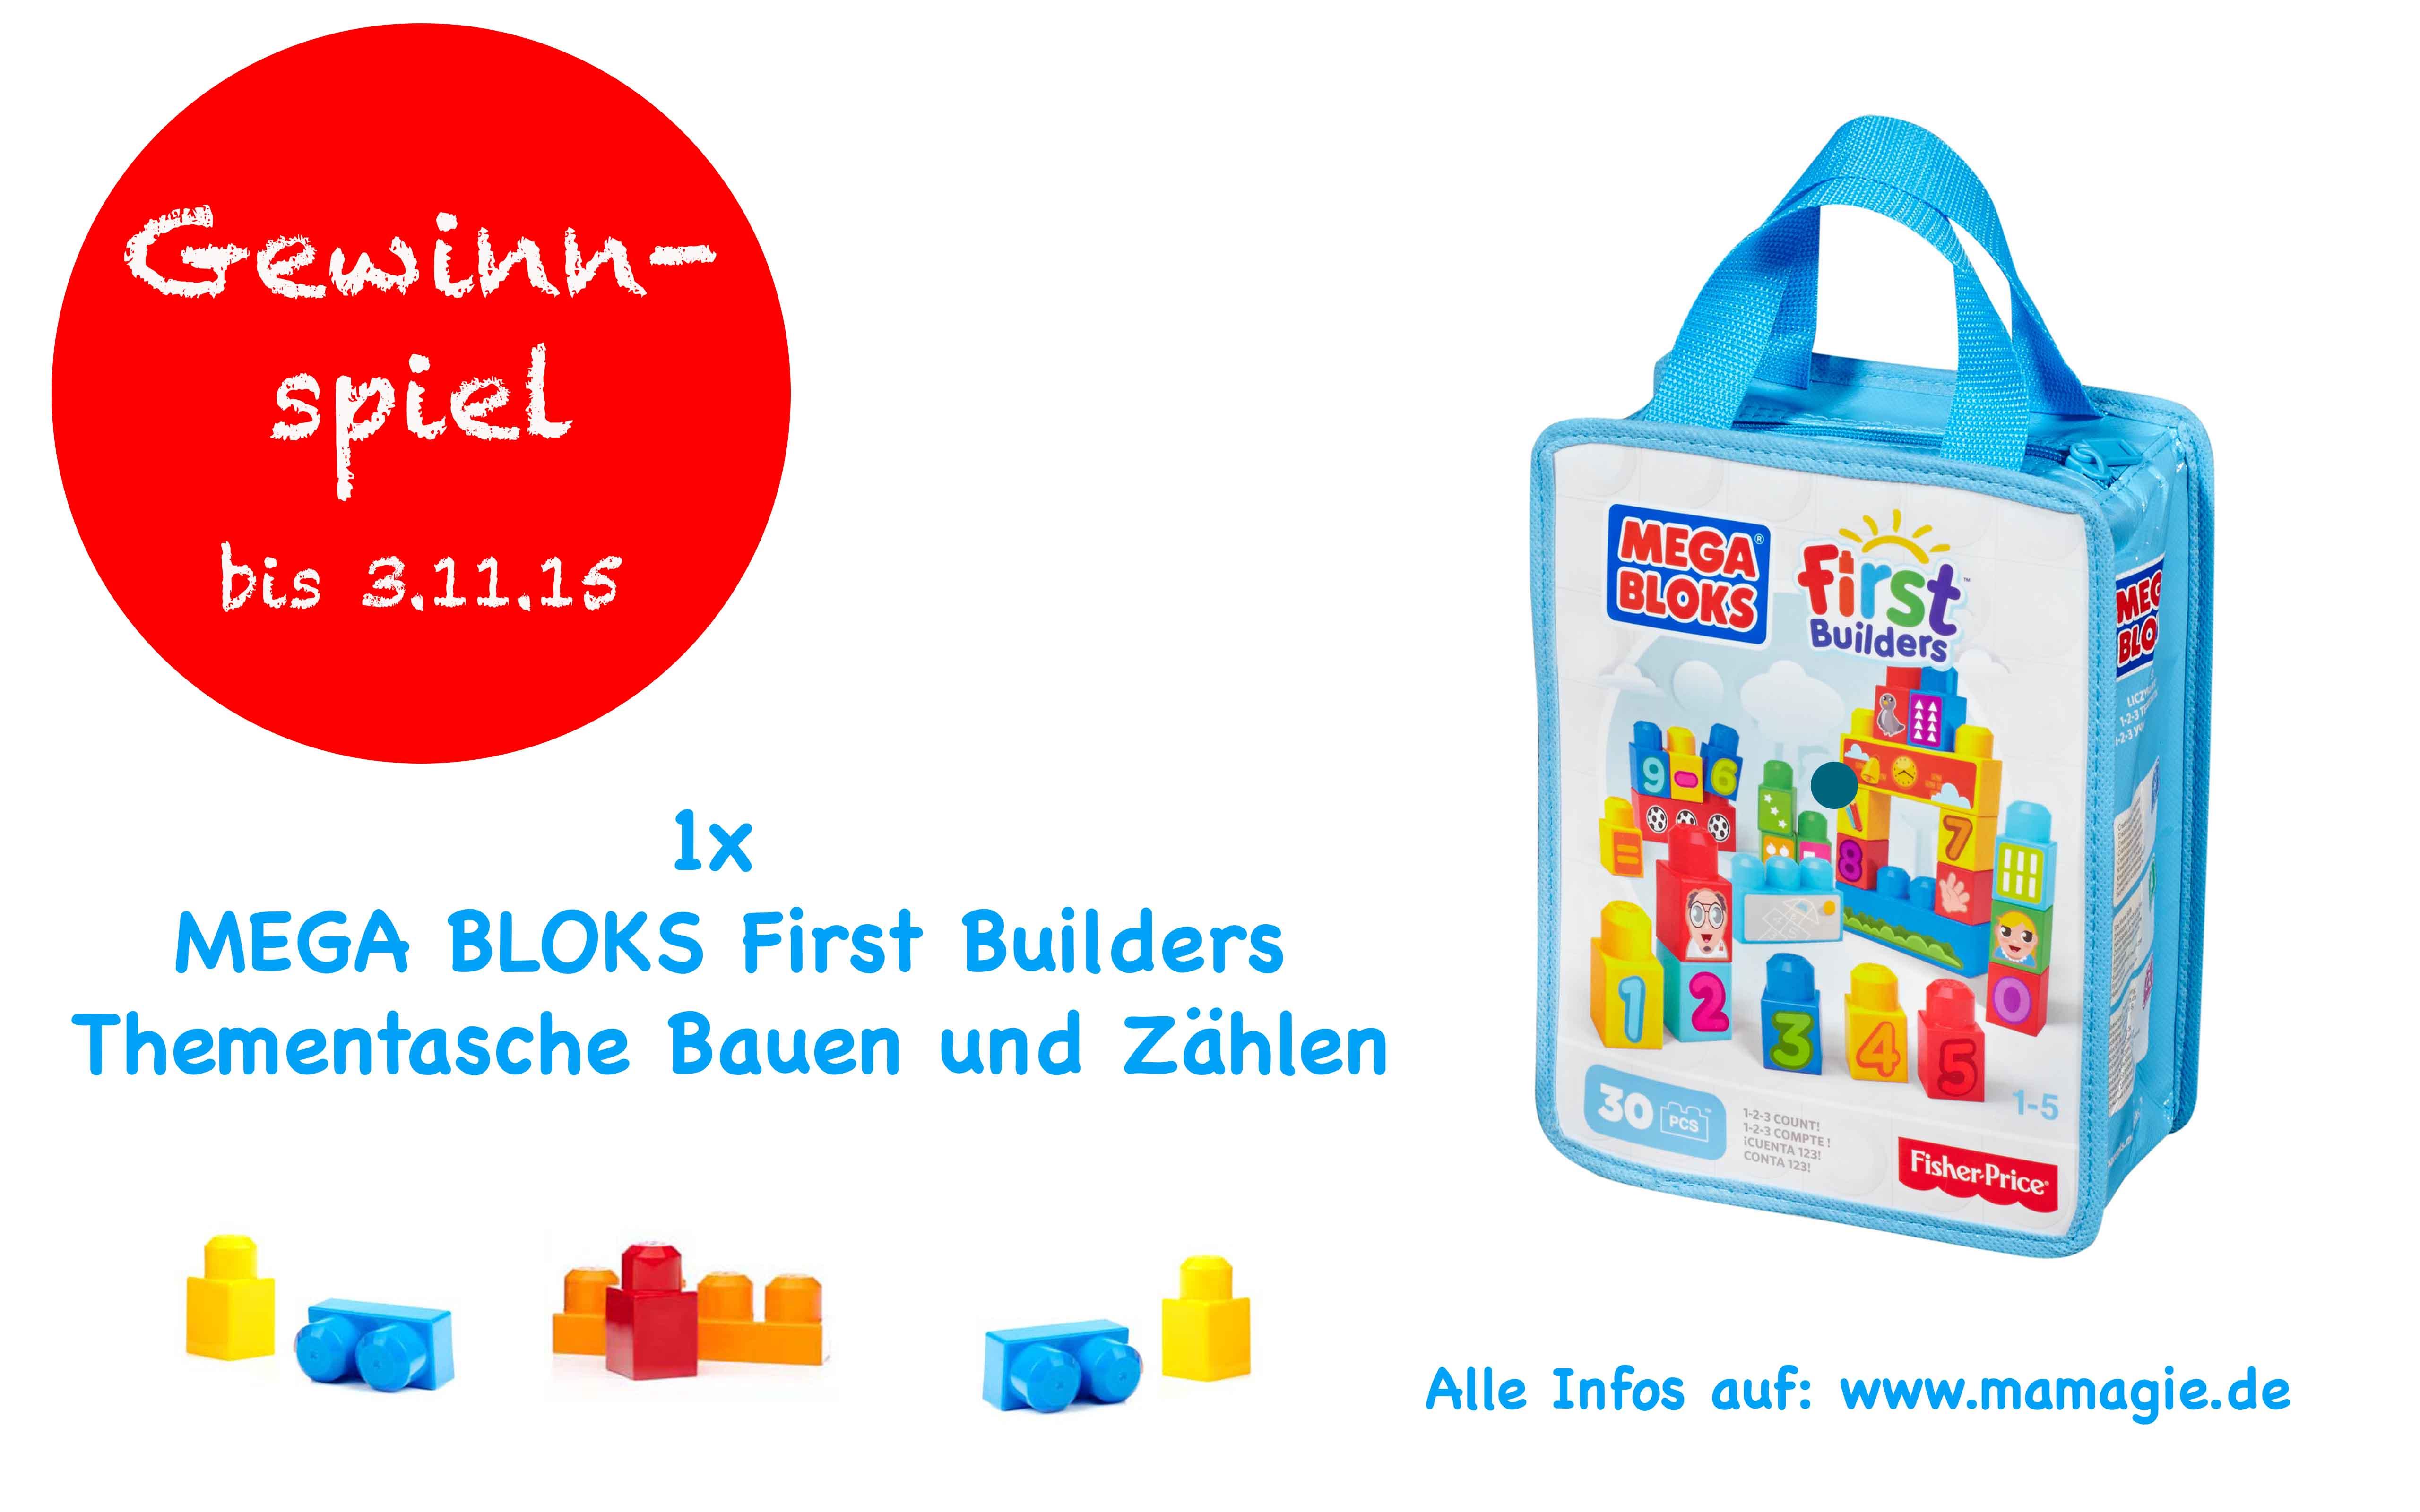 MEGA BLOKS First Builders Thementasche Bauen und Zählen gewinnen!